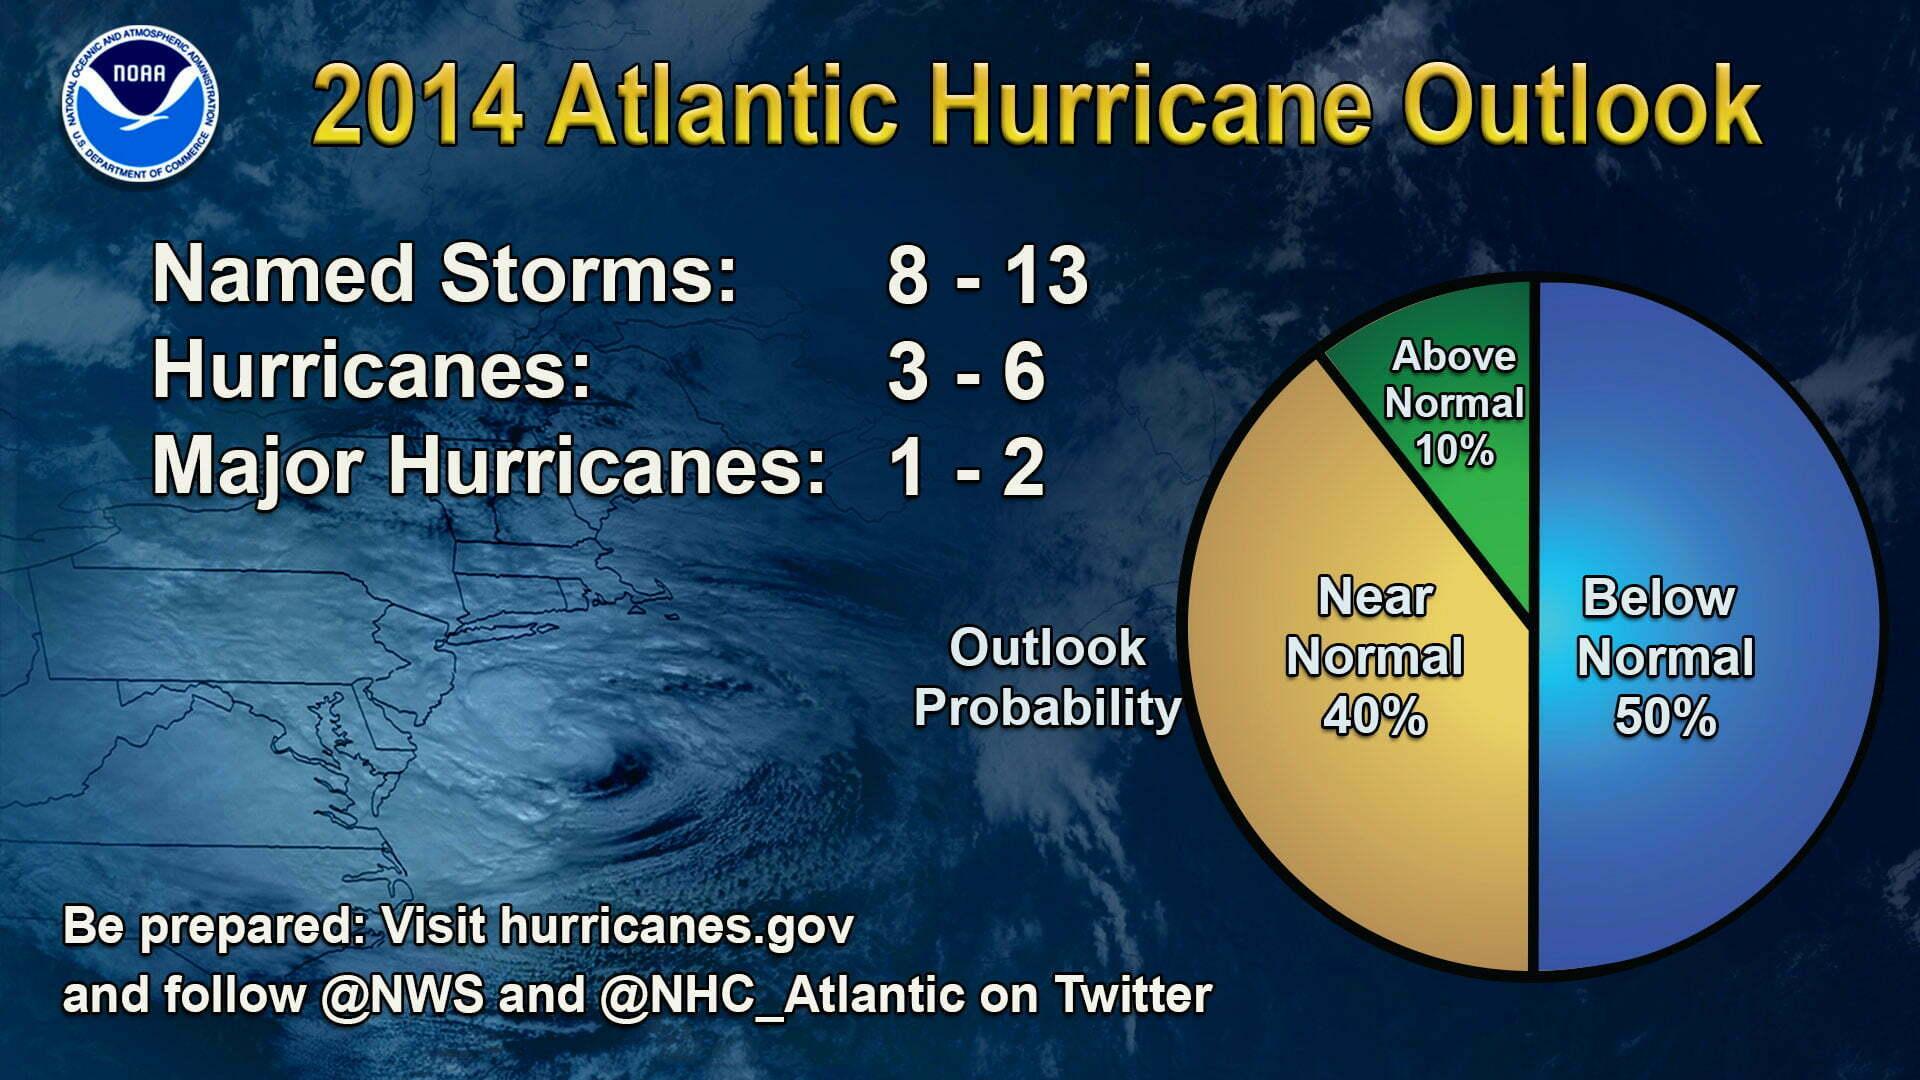 Imagem tabela temporada de furacões no atlântico norte